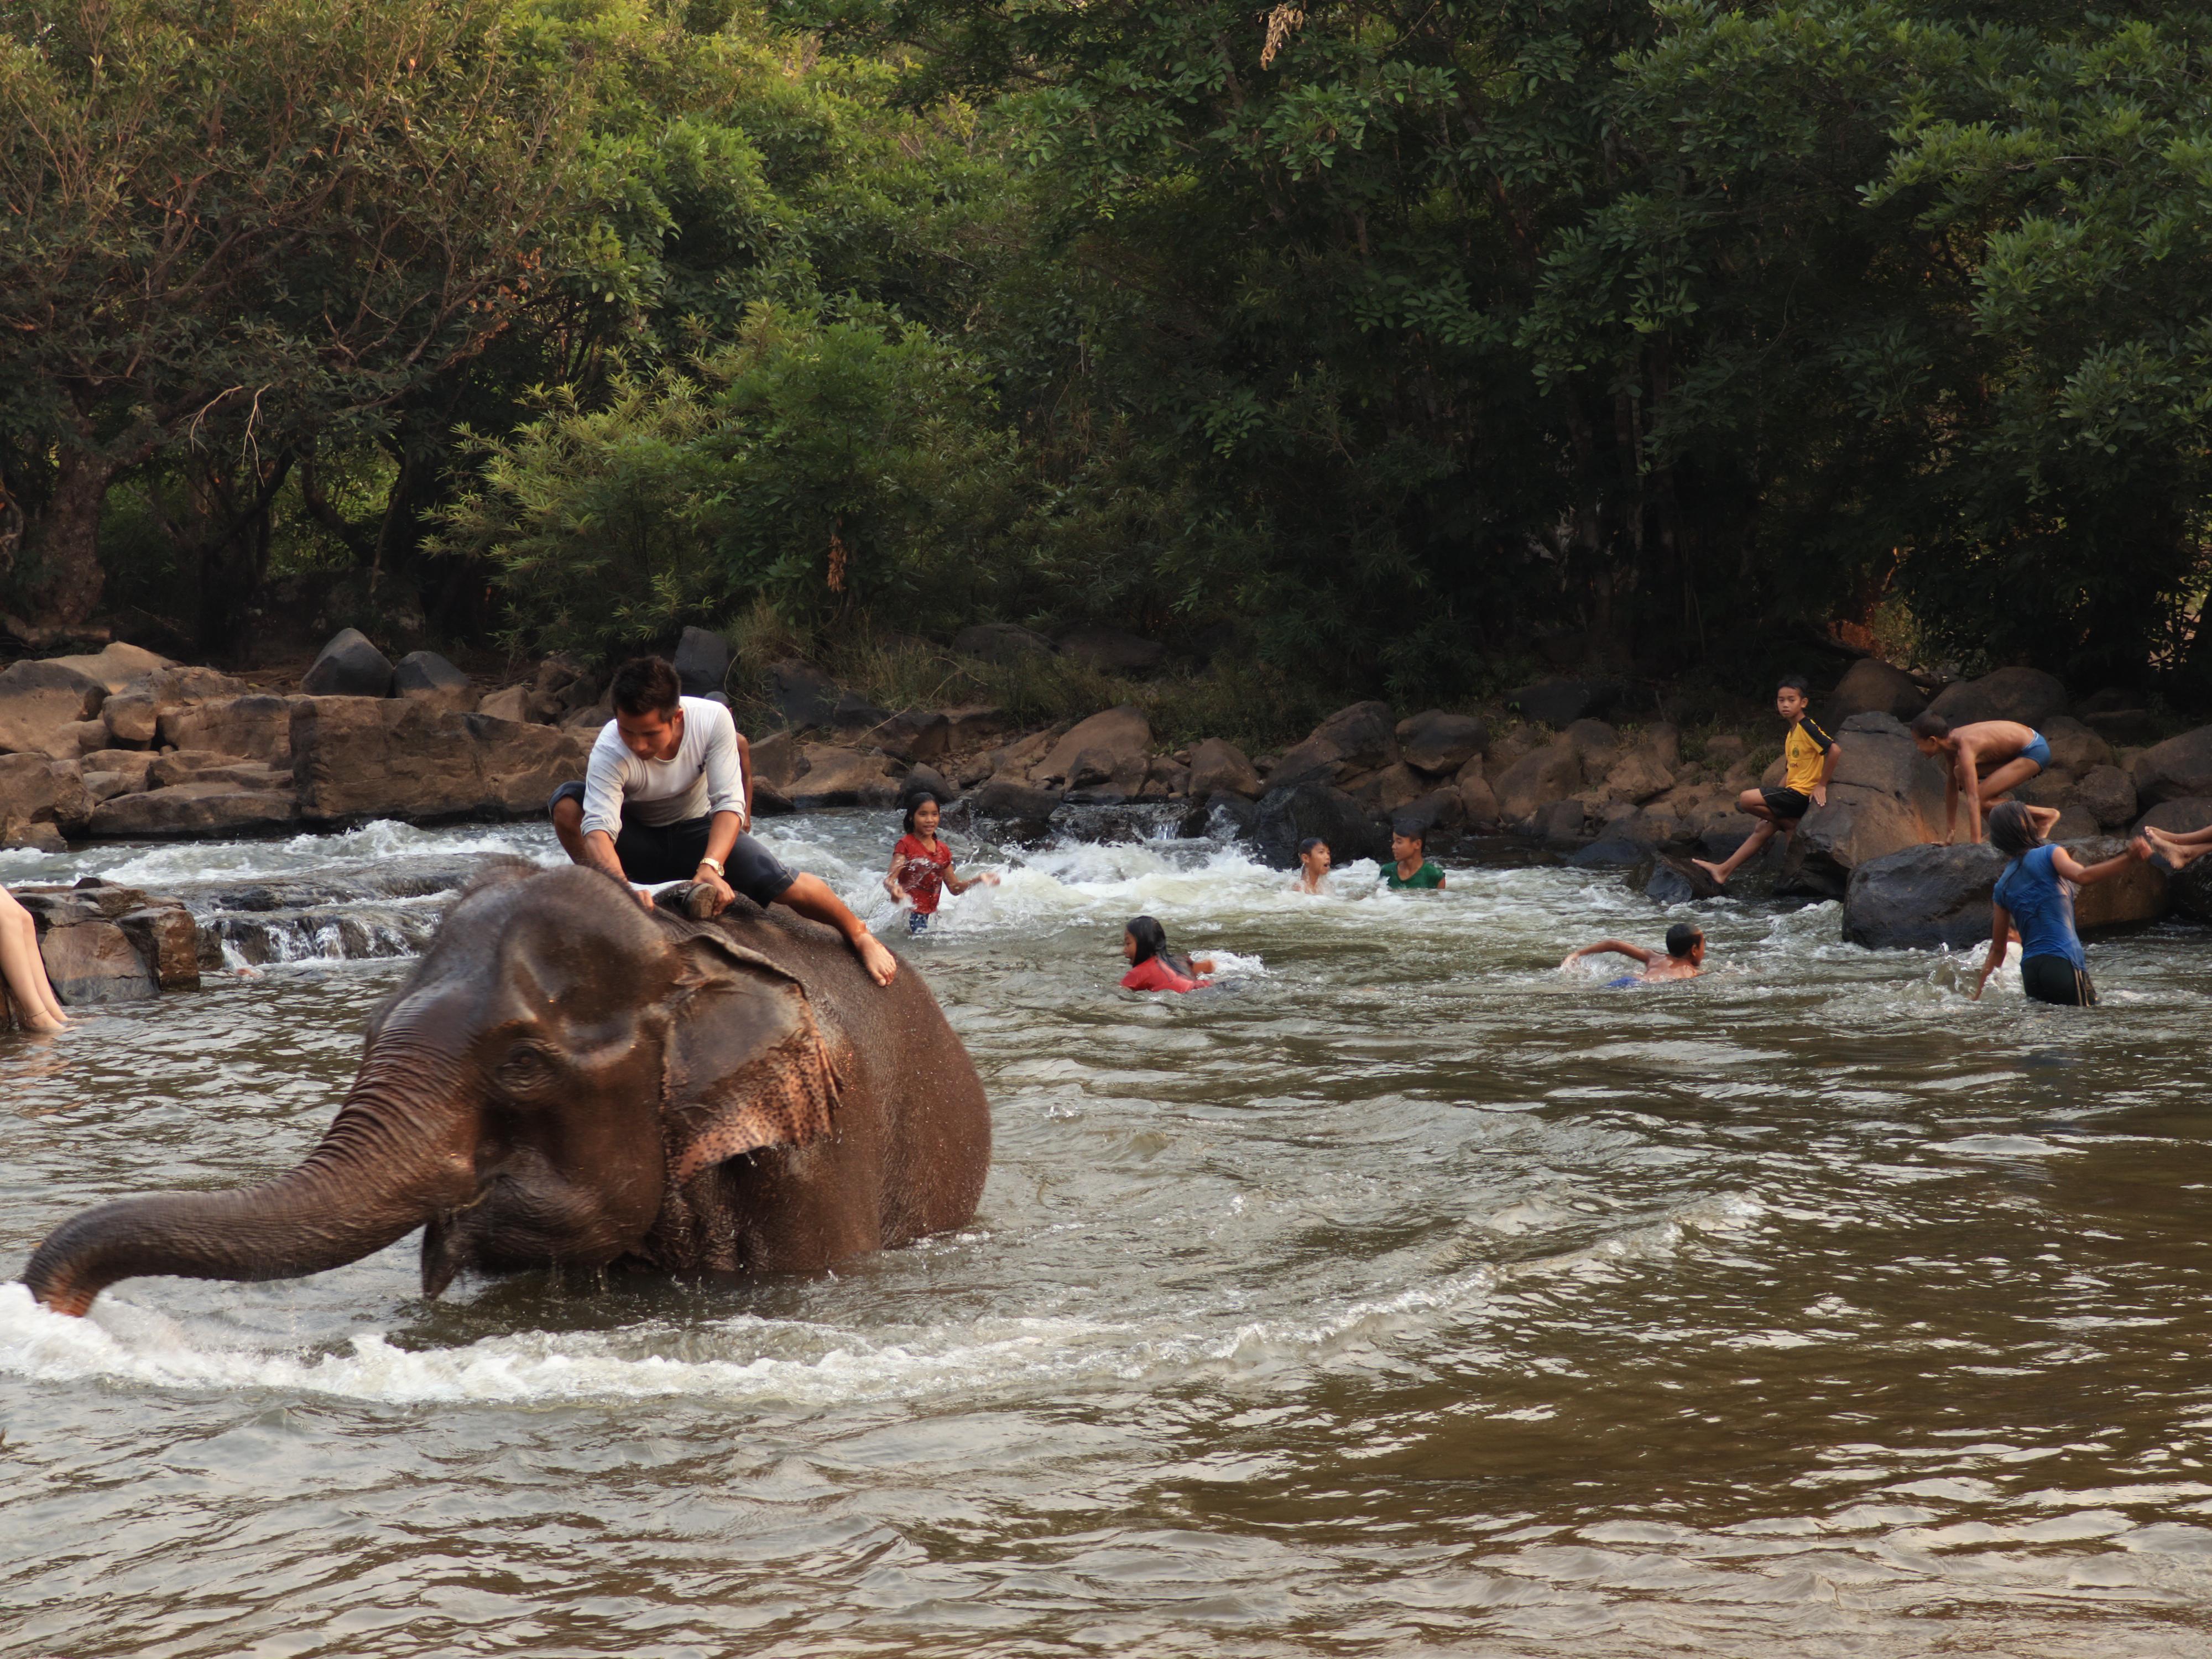 Un elefante interrumpe el baño